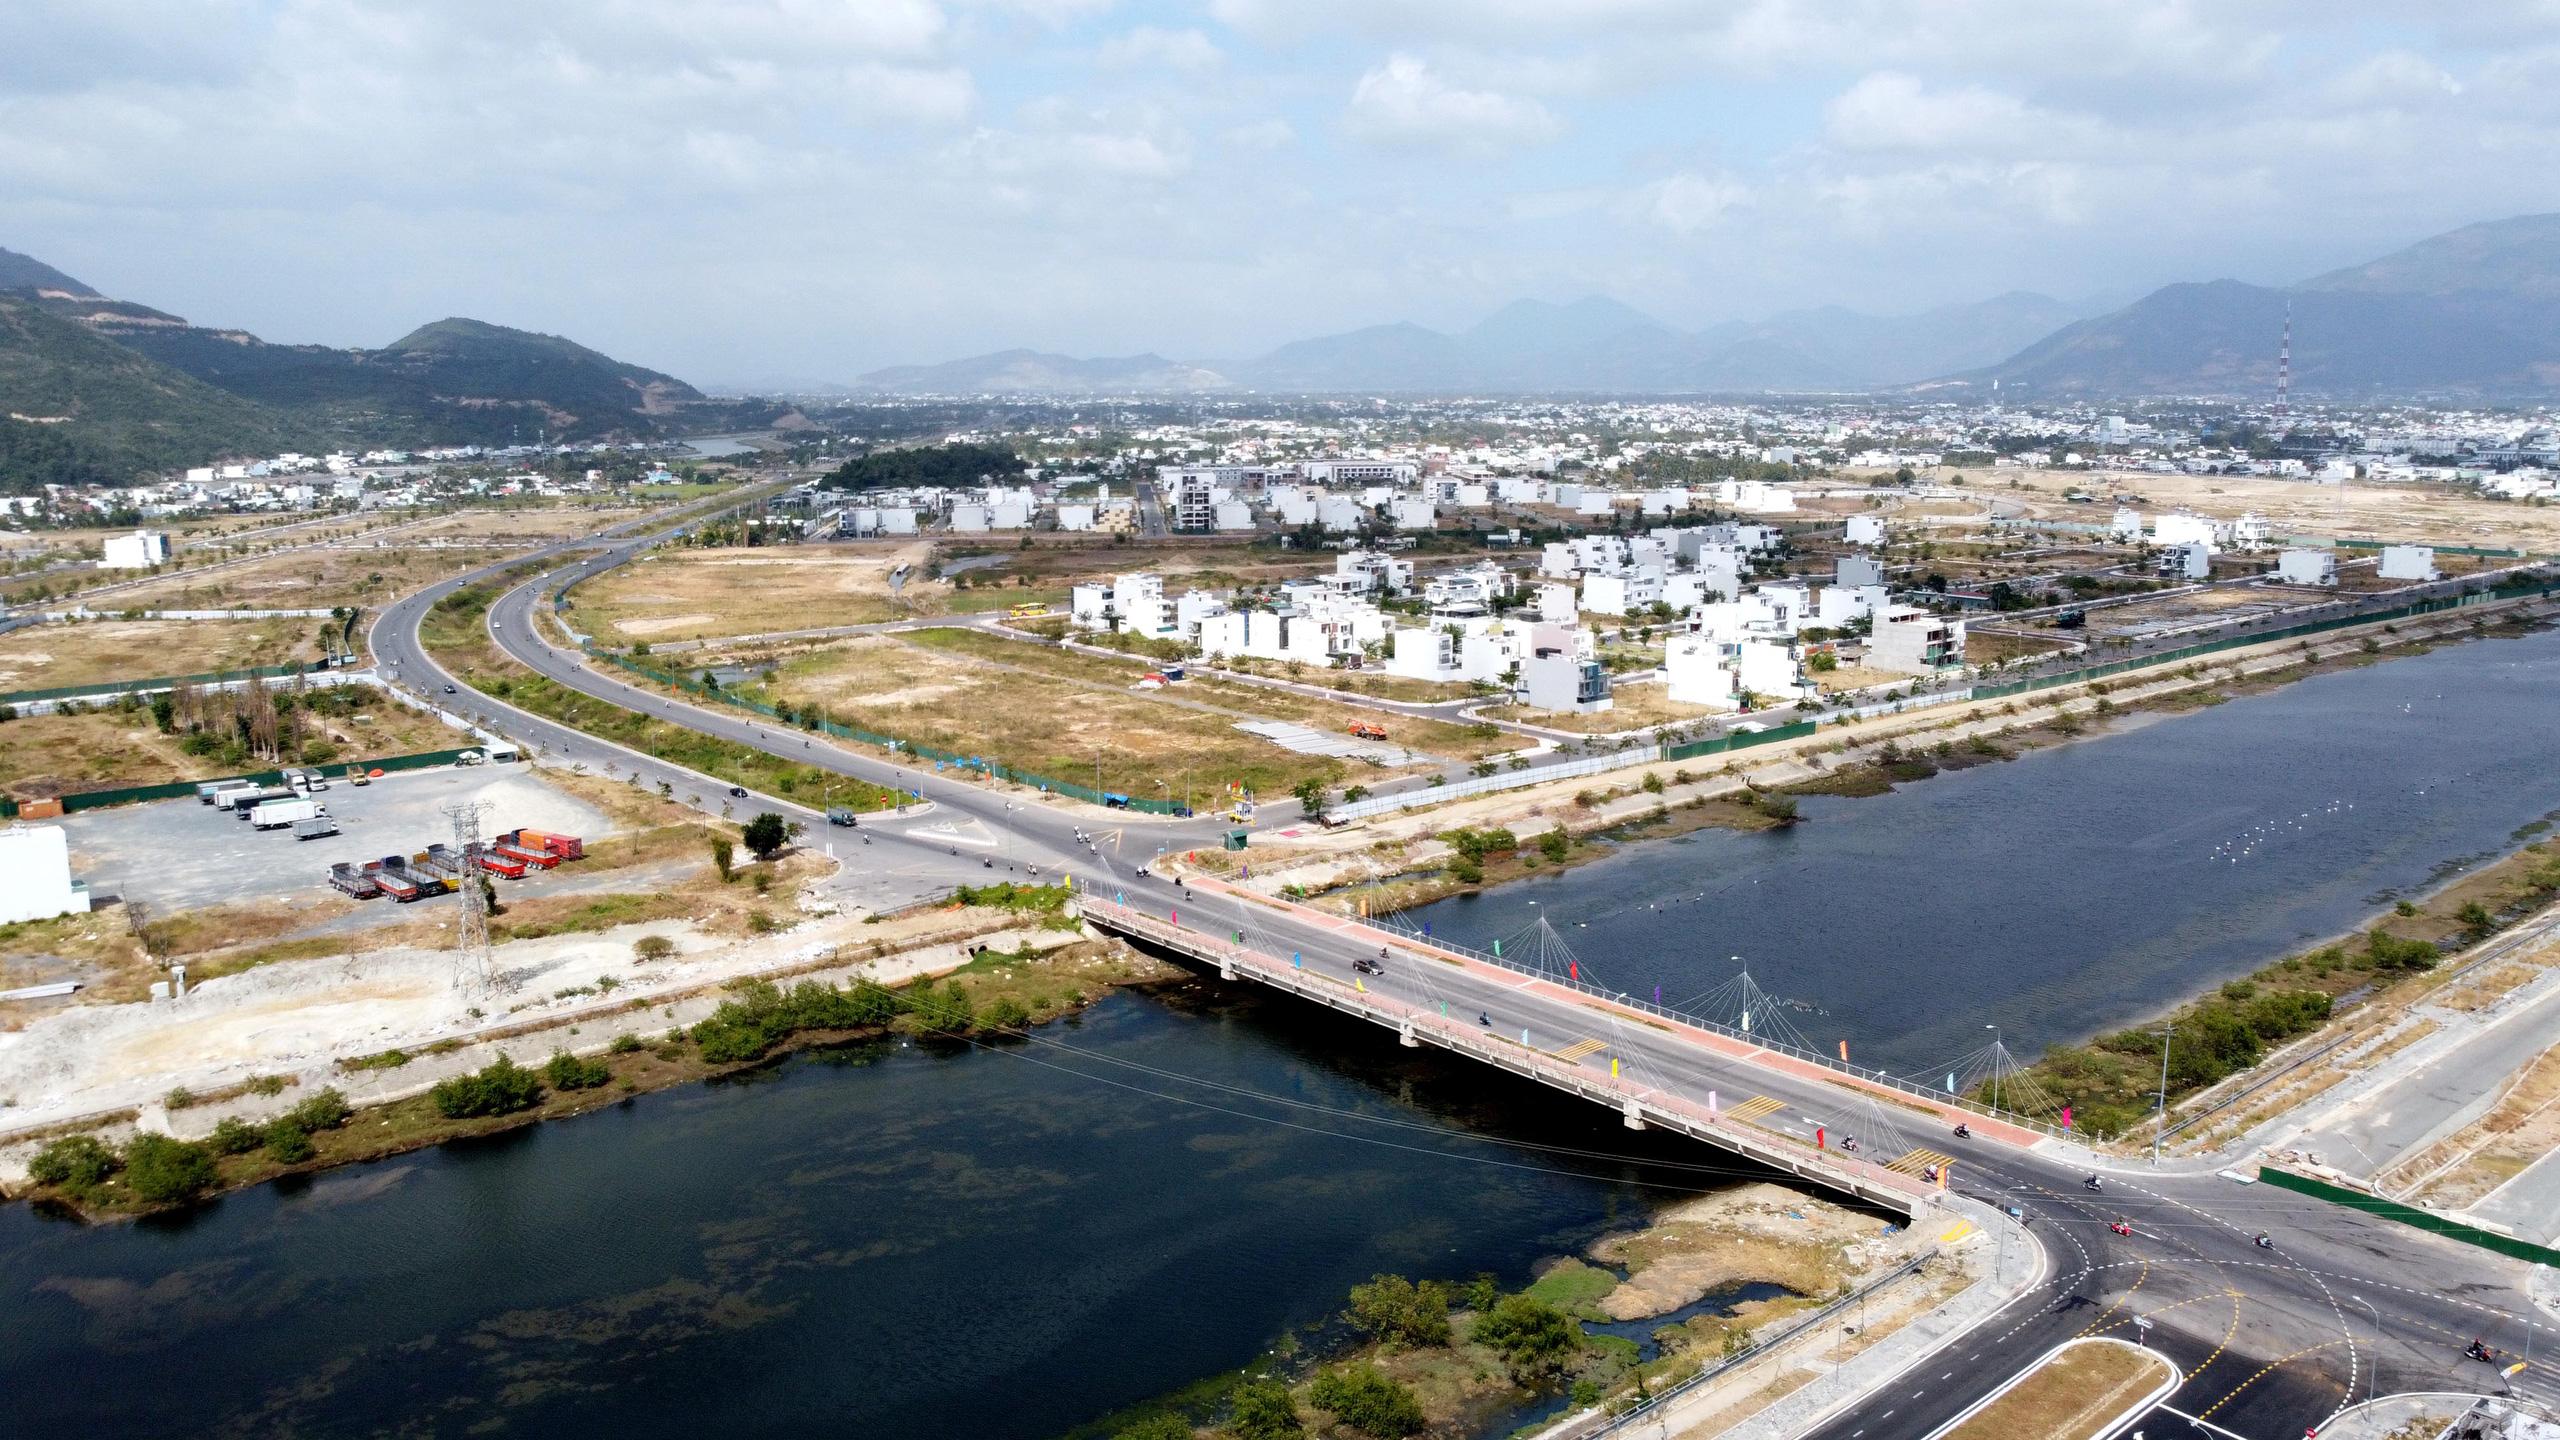 Nha Trang: Đưa vào khai thác đường Vành đai 2 nhiều dự án BĐS hưởng lợi - Ảnh 8.